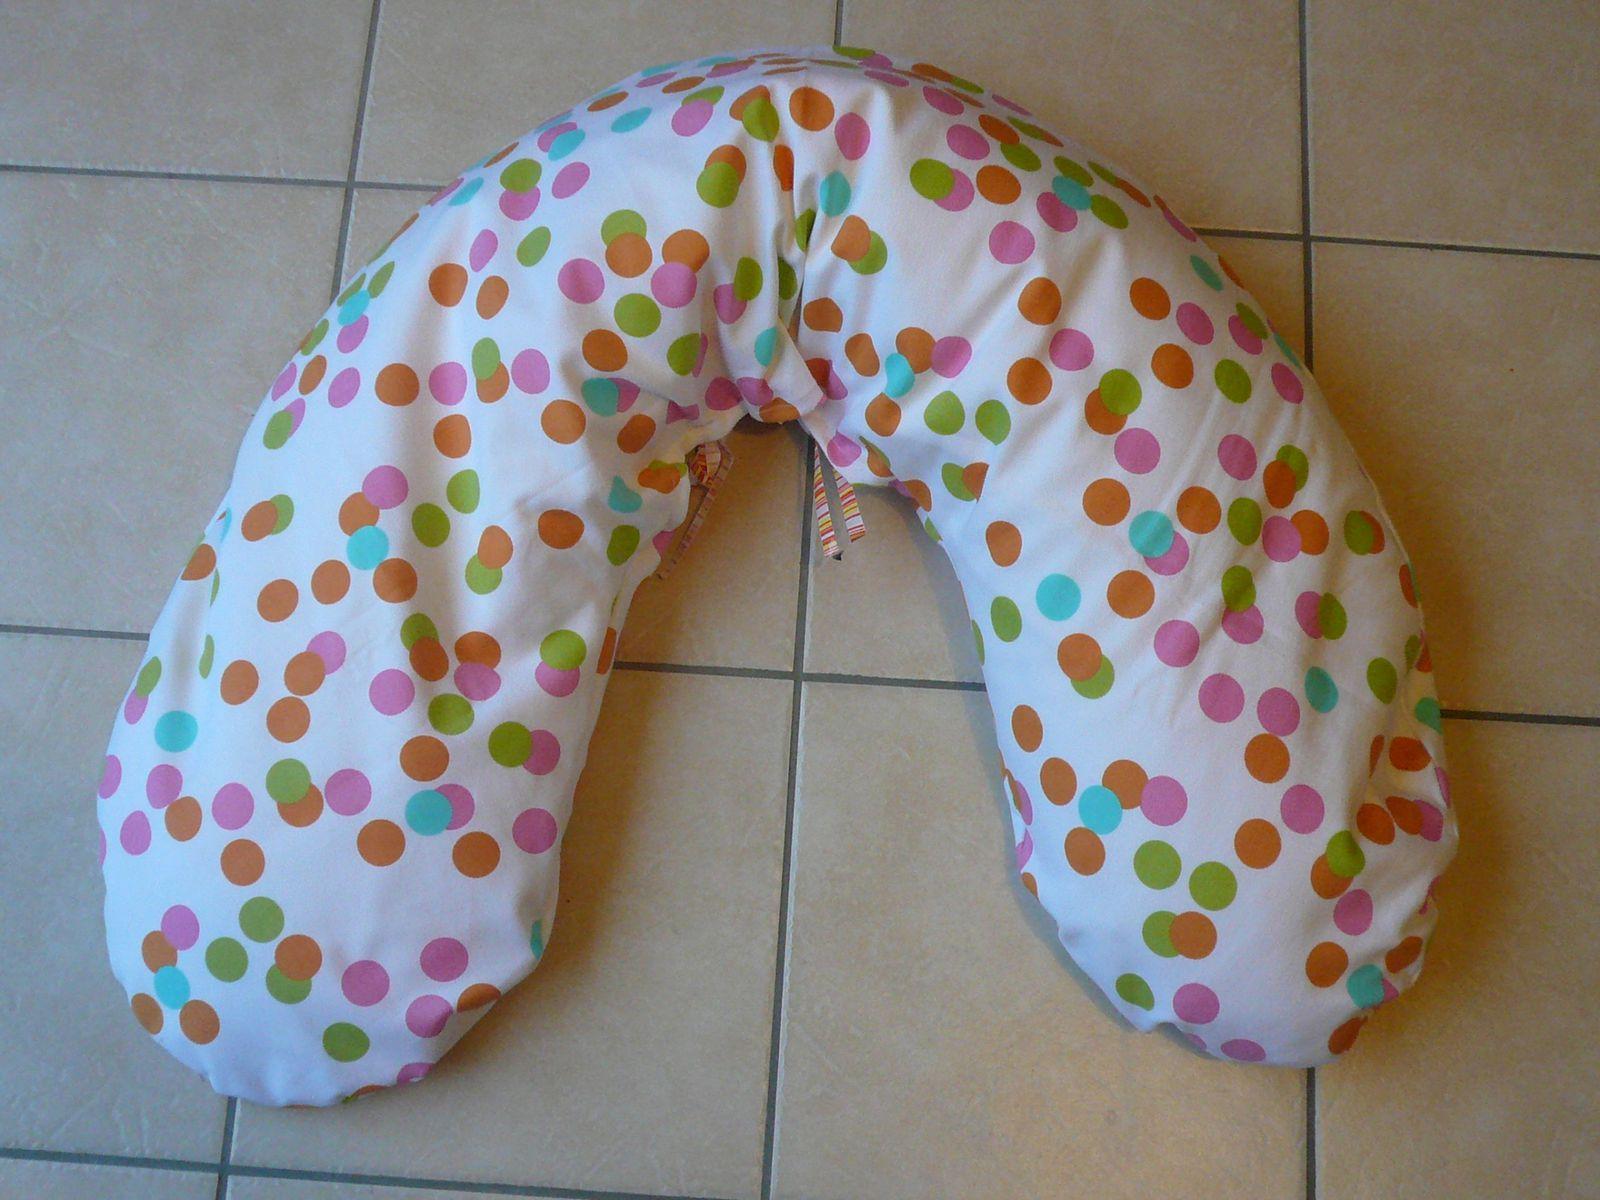 Coussin de maternité, patron des intemporels pour futures mamans, j'ai juste ajouté 2cm au pli ce qui fait qu'il est plus long que l'original